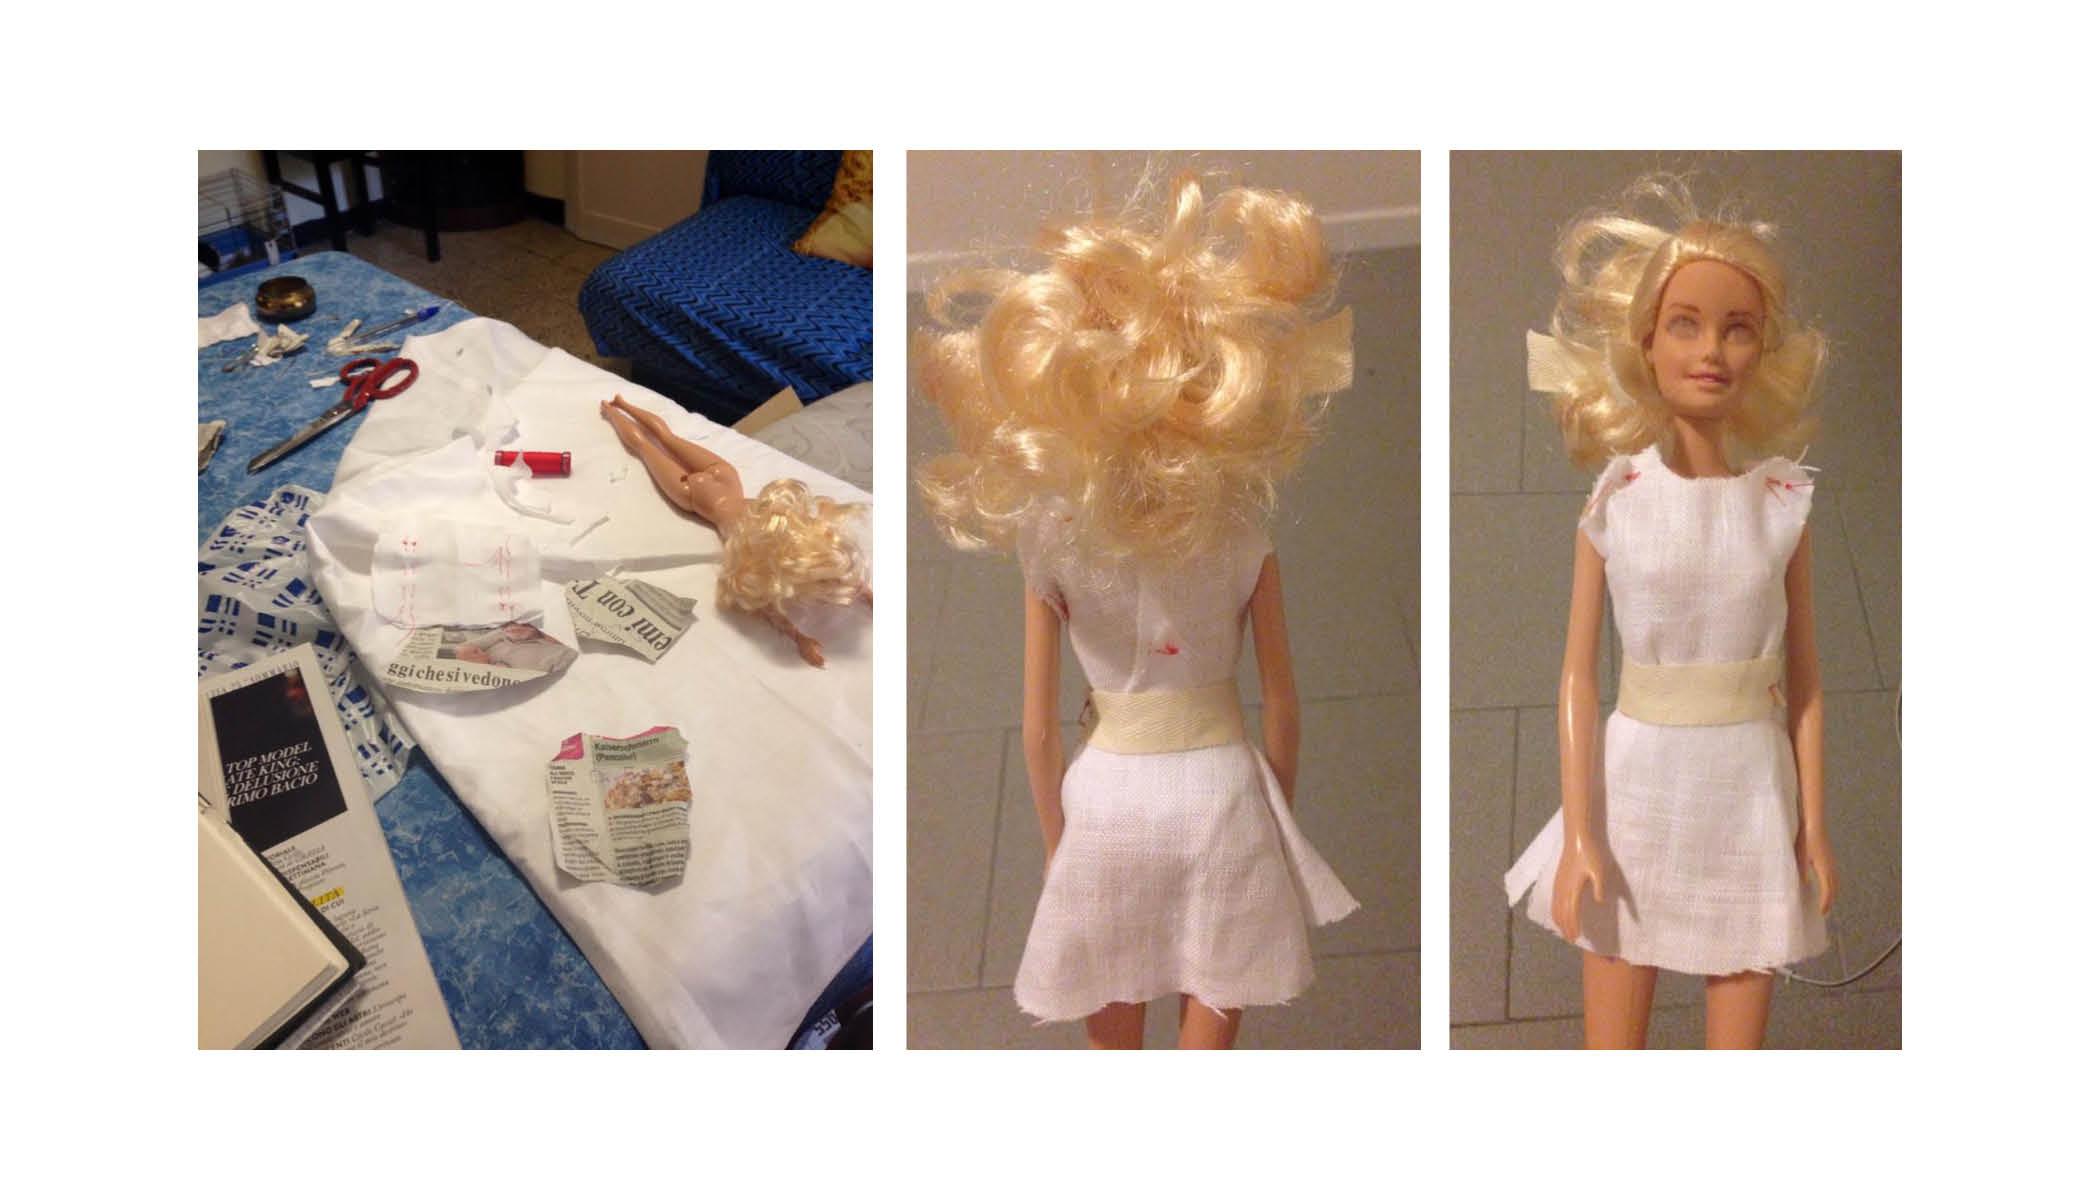 HandCrafted_Barbie3.jpg